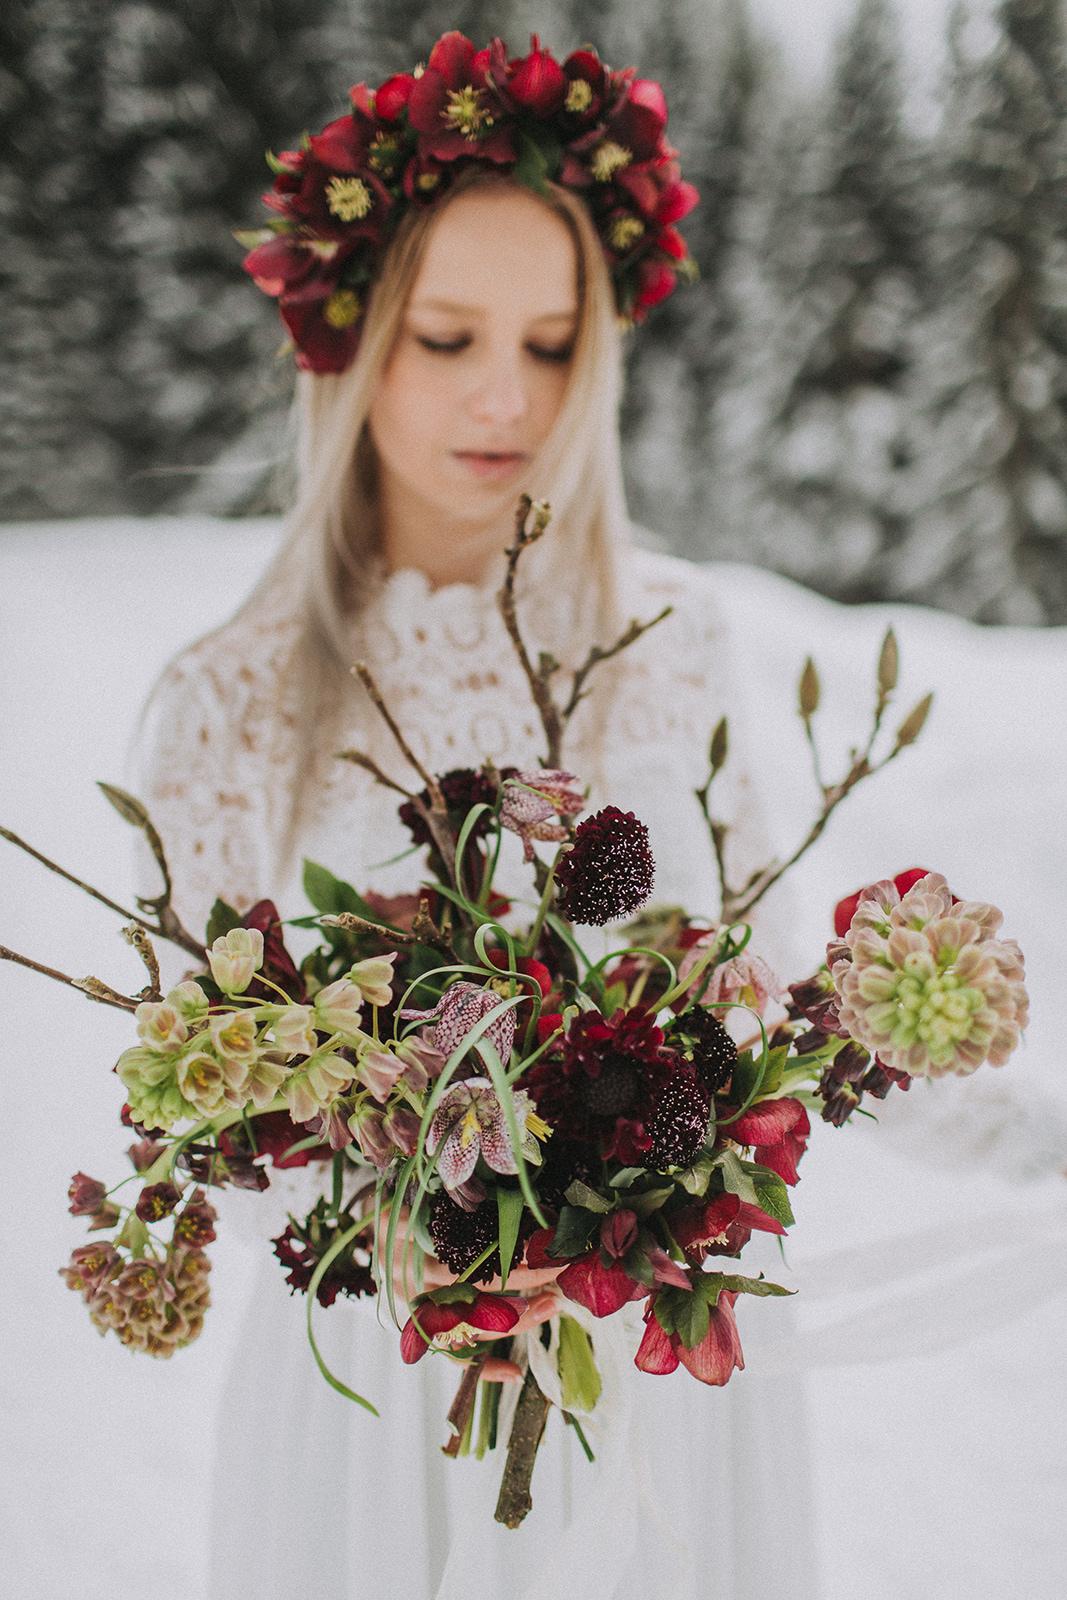 Brautstrauß rot Winter, Winterhochzeit Blumen, Brautstrauß Winterhochzeit, Brautstrauß Winter, Brautstrauß rot